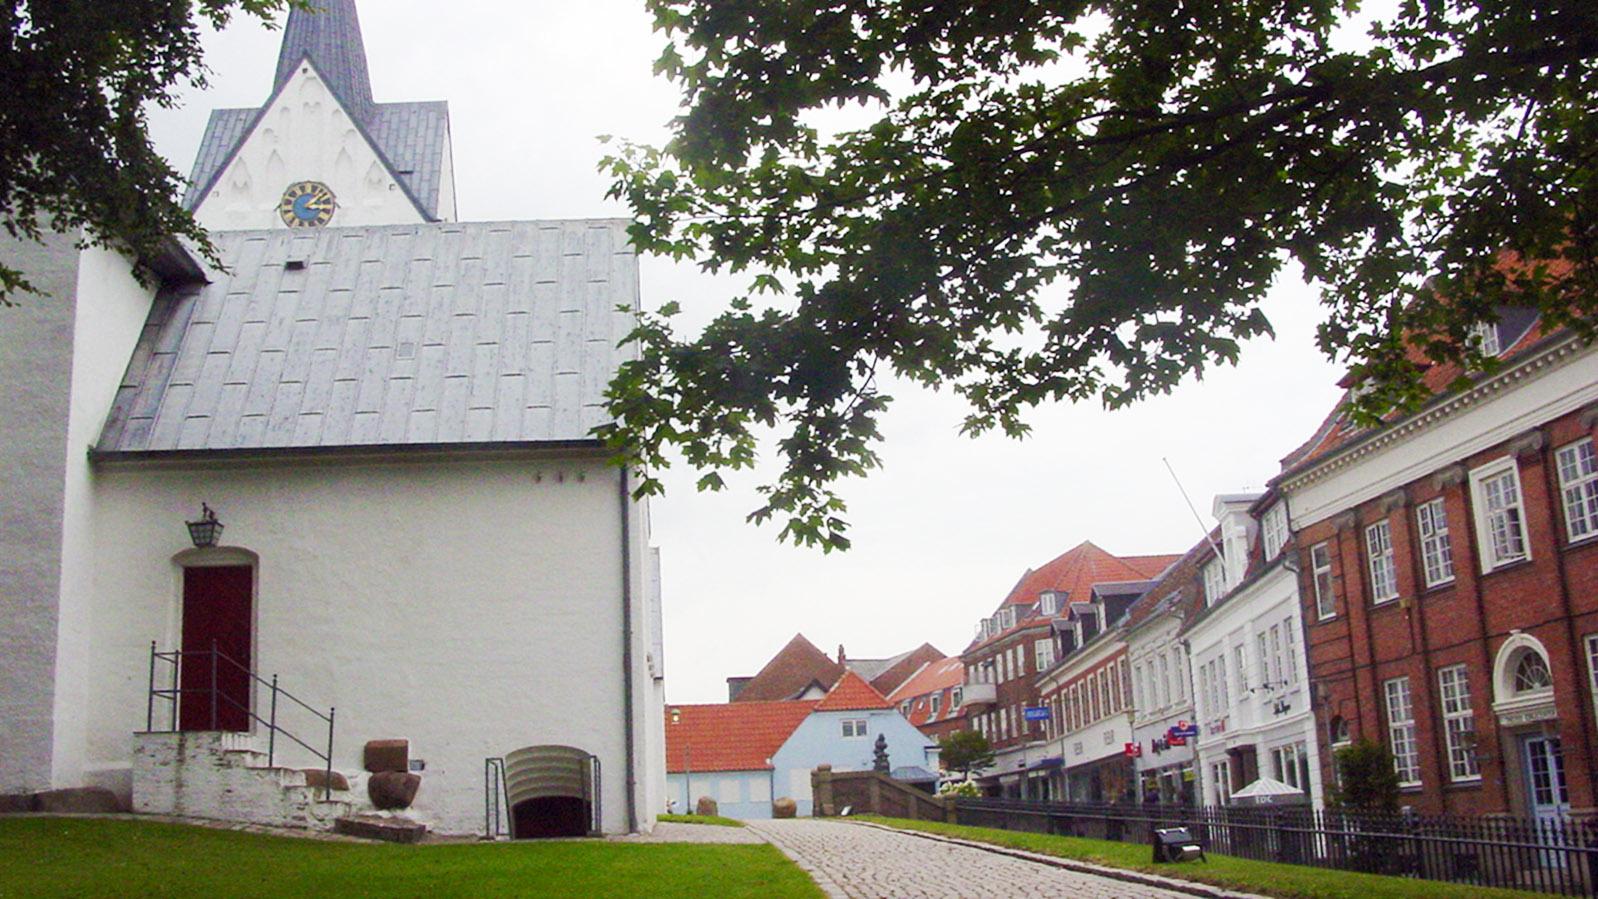 Thy: Die Stadtkirche vo Thisted umgeben charmant nostalgische Bauten. Foto: Hilke Maunder